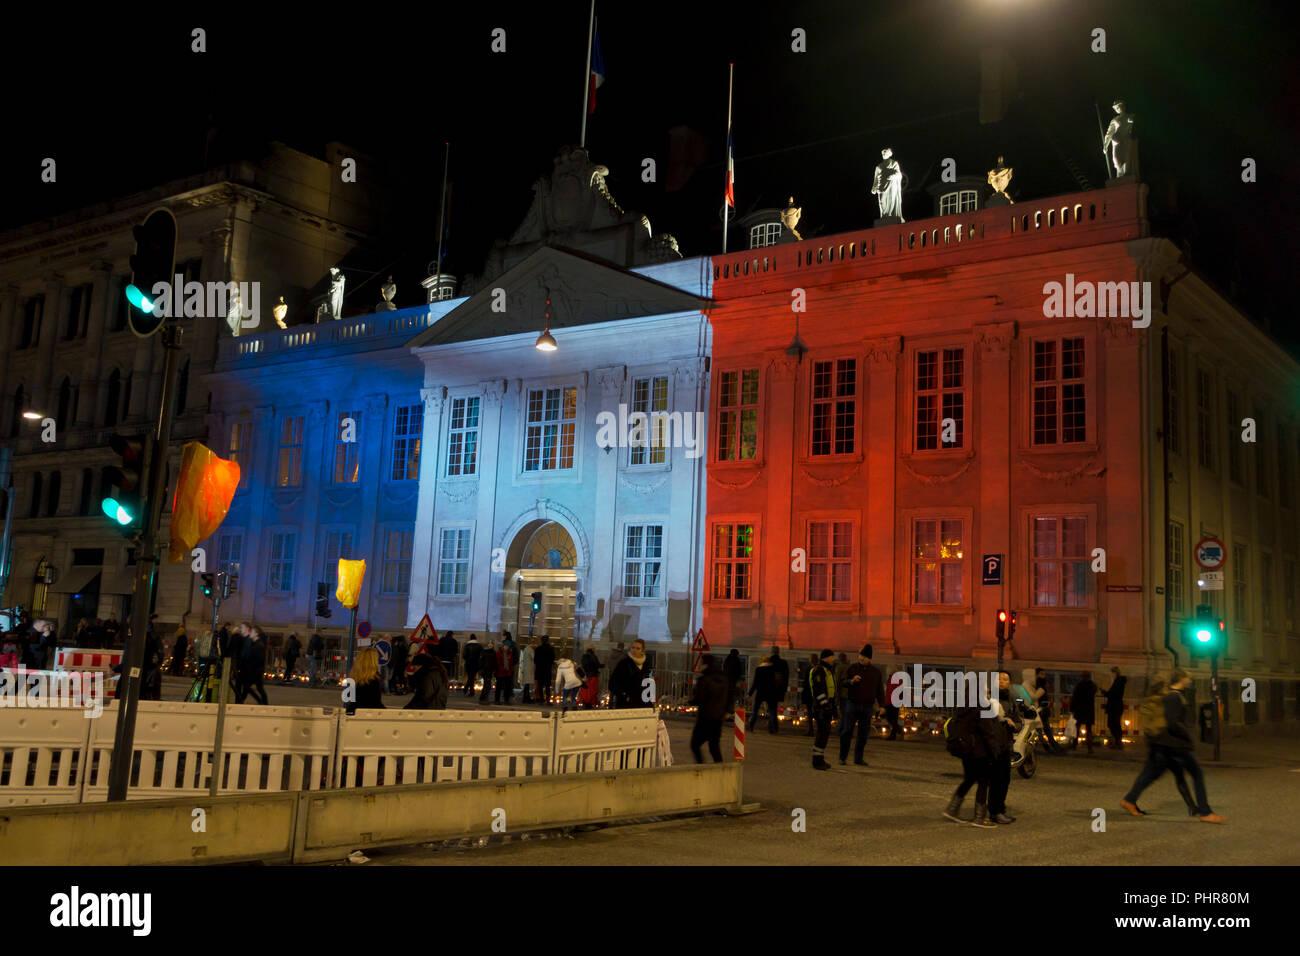 Copenhagen, Danimarca, 15 Novembre, 2015. Migliaia di persone a Copenaghen mostrano la loro solidarietà e la propria solidarietà con il popolo francese al di fuori dell'Ambasciata francese a Copenaghen dopo Venerdì scorso gli attentati a Parigi. La grande quantità di fiori e messaggi cresce ancora questa domenica sera. Kongens Nytorv a Copenaghen è accesa dai colori del tricolore francese proiettato sulla costruzione dell'ancora affollati ambasciata francese dopo una giornata di eventi ufficiali e azioni spontanee di simpatia e di solidarietà. Foto Stock